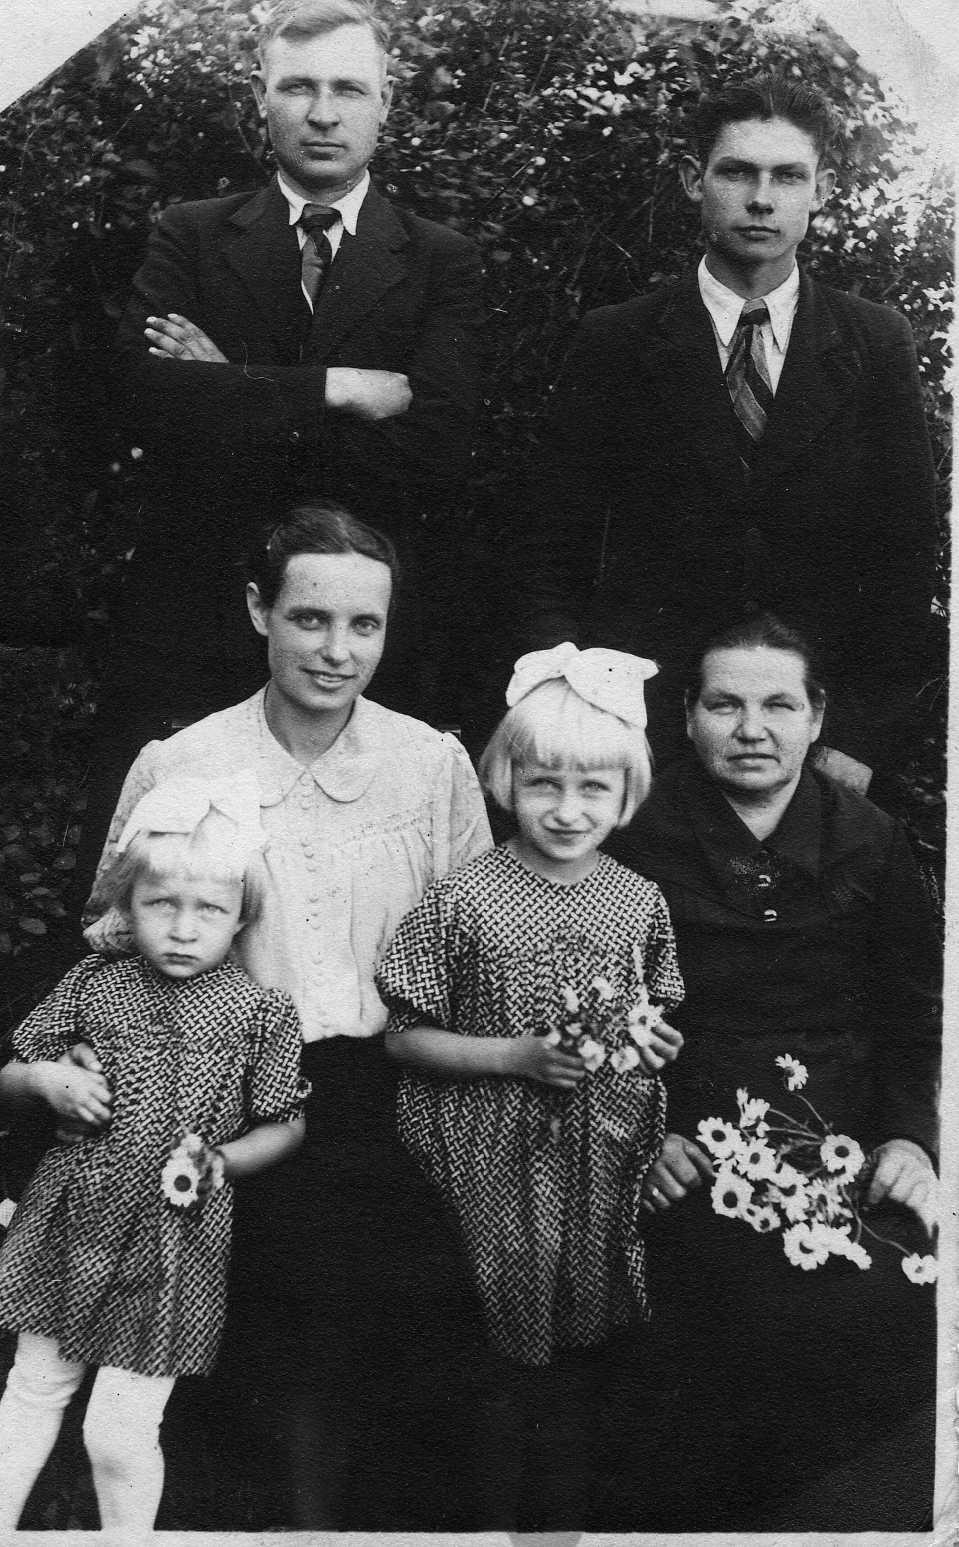 Profesoriaus, agronomo Petro Vasinausko brolio Jono Vasinausko (stovi pirmas iš kairės) šeima. 1944 m.